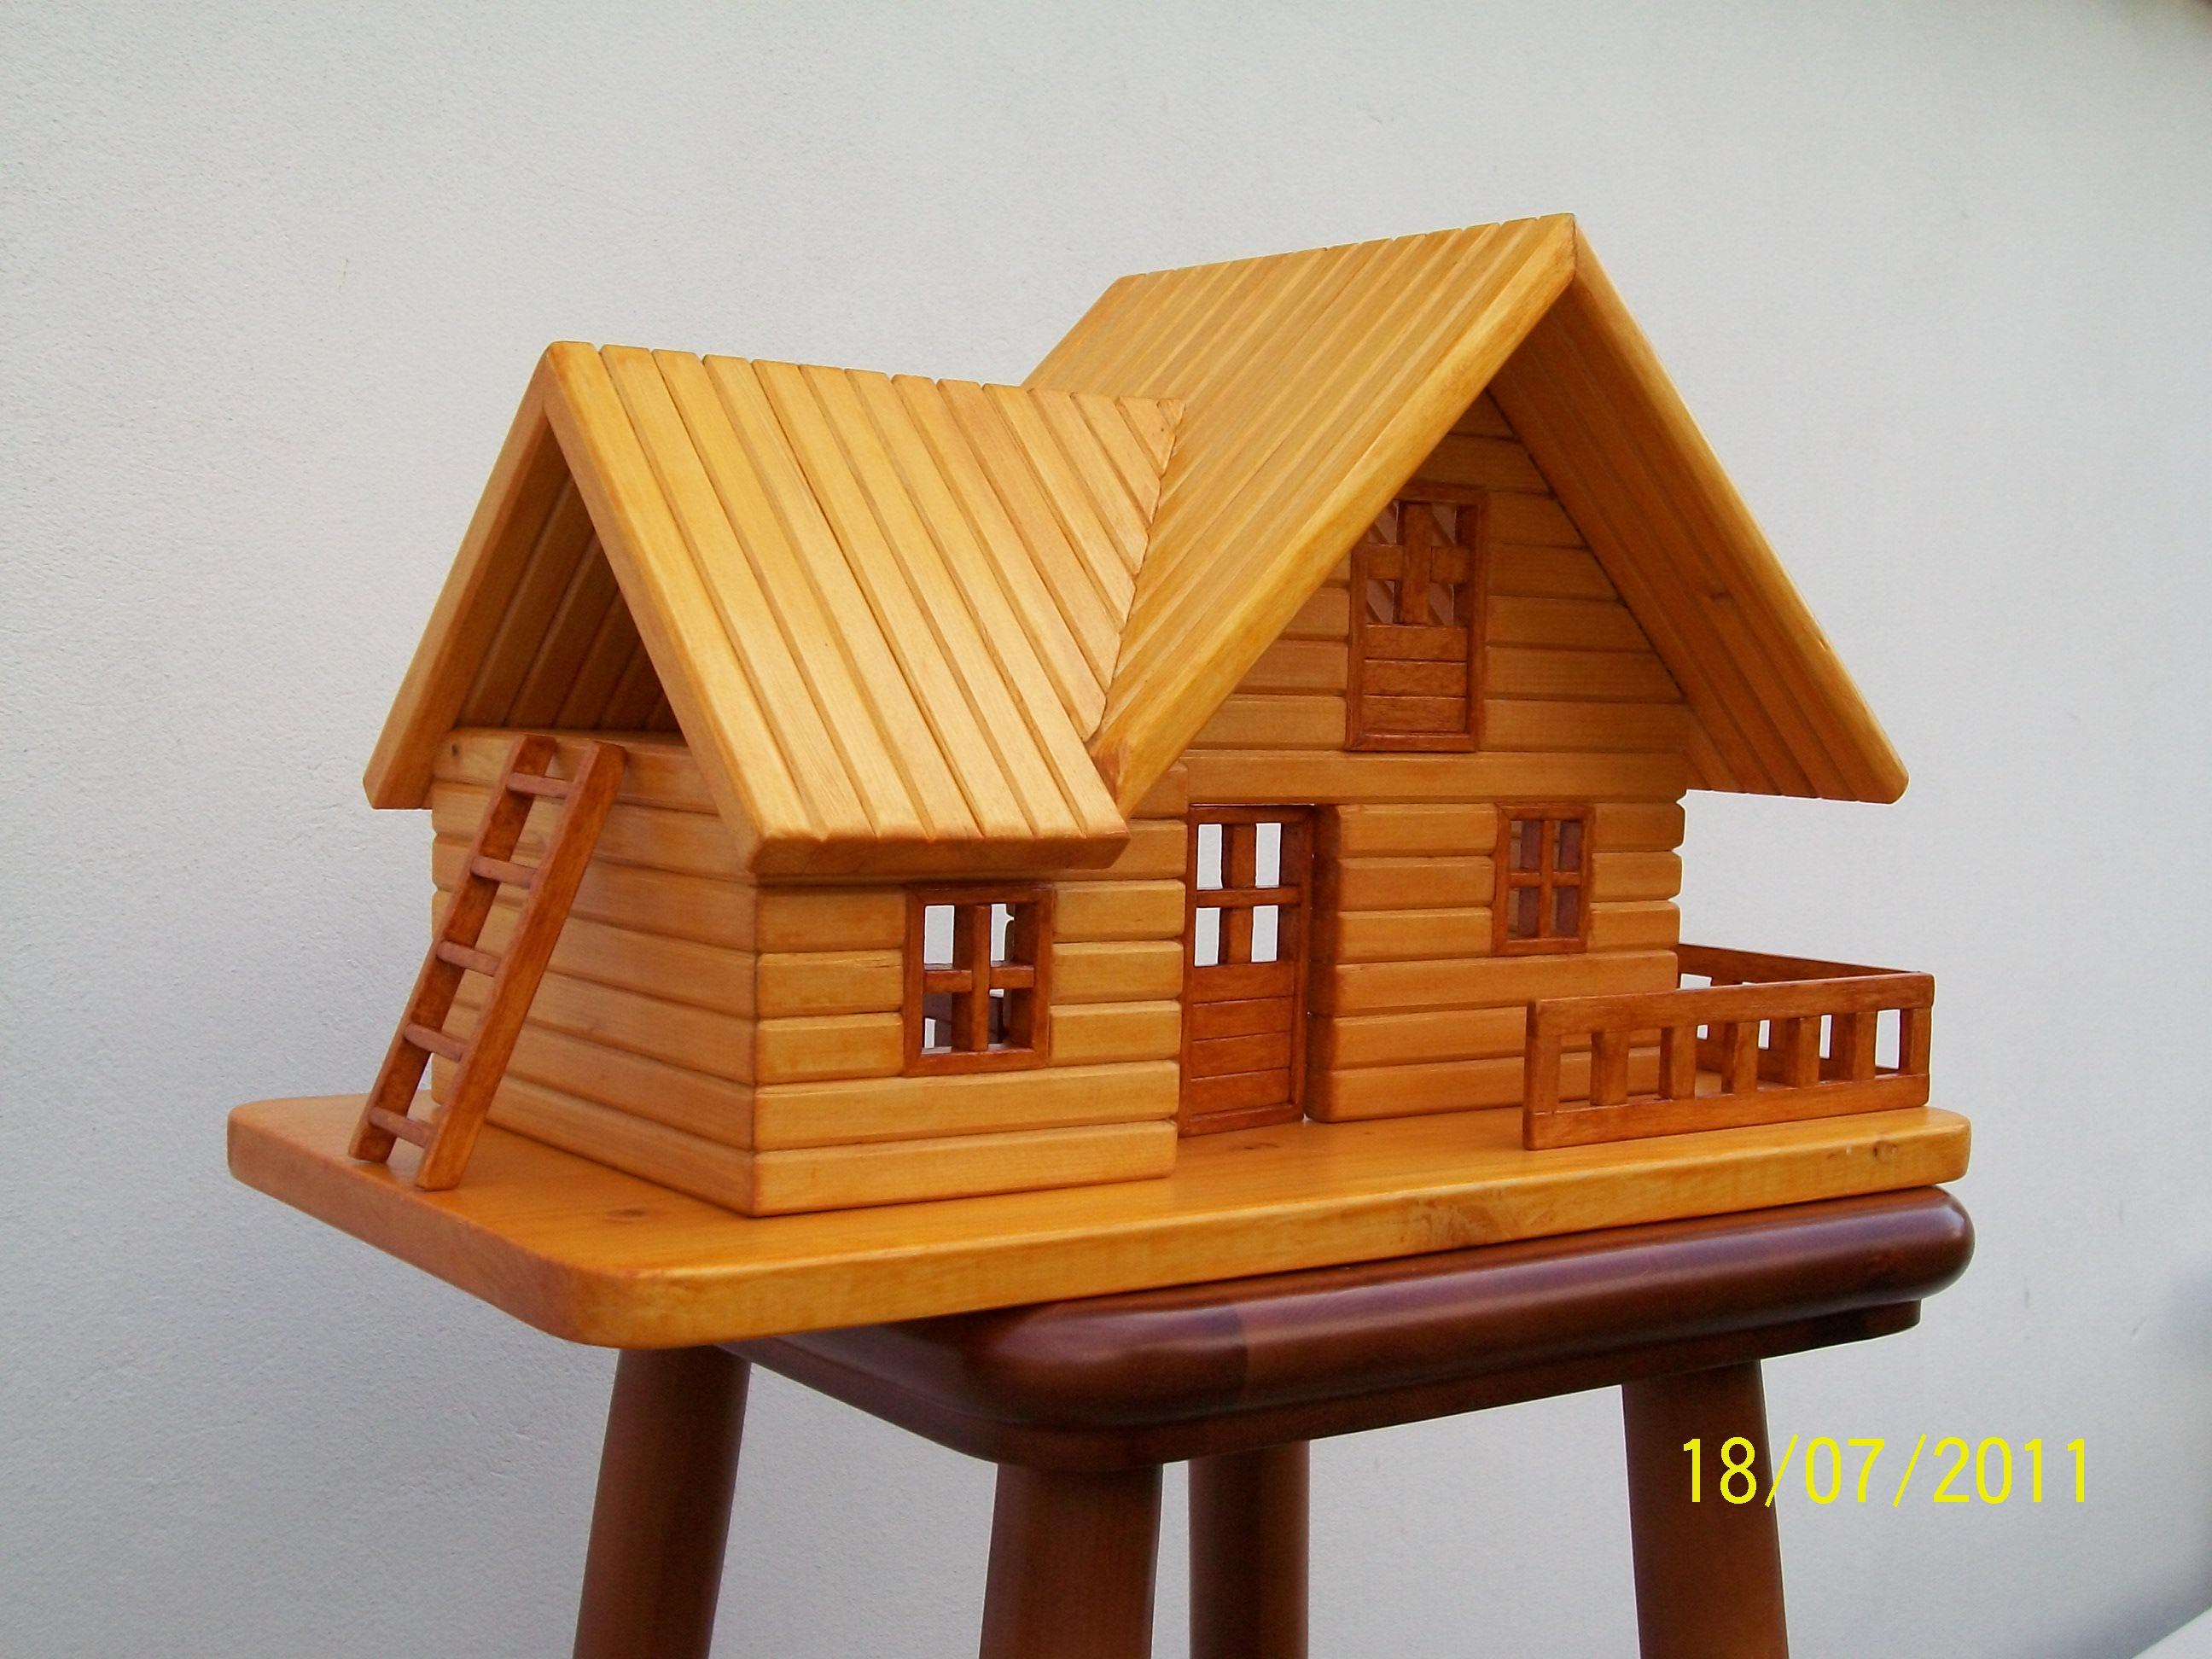 Oggetti in legno fai da te by silvano capanna con - Oggetti fai da te ...